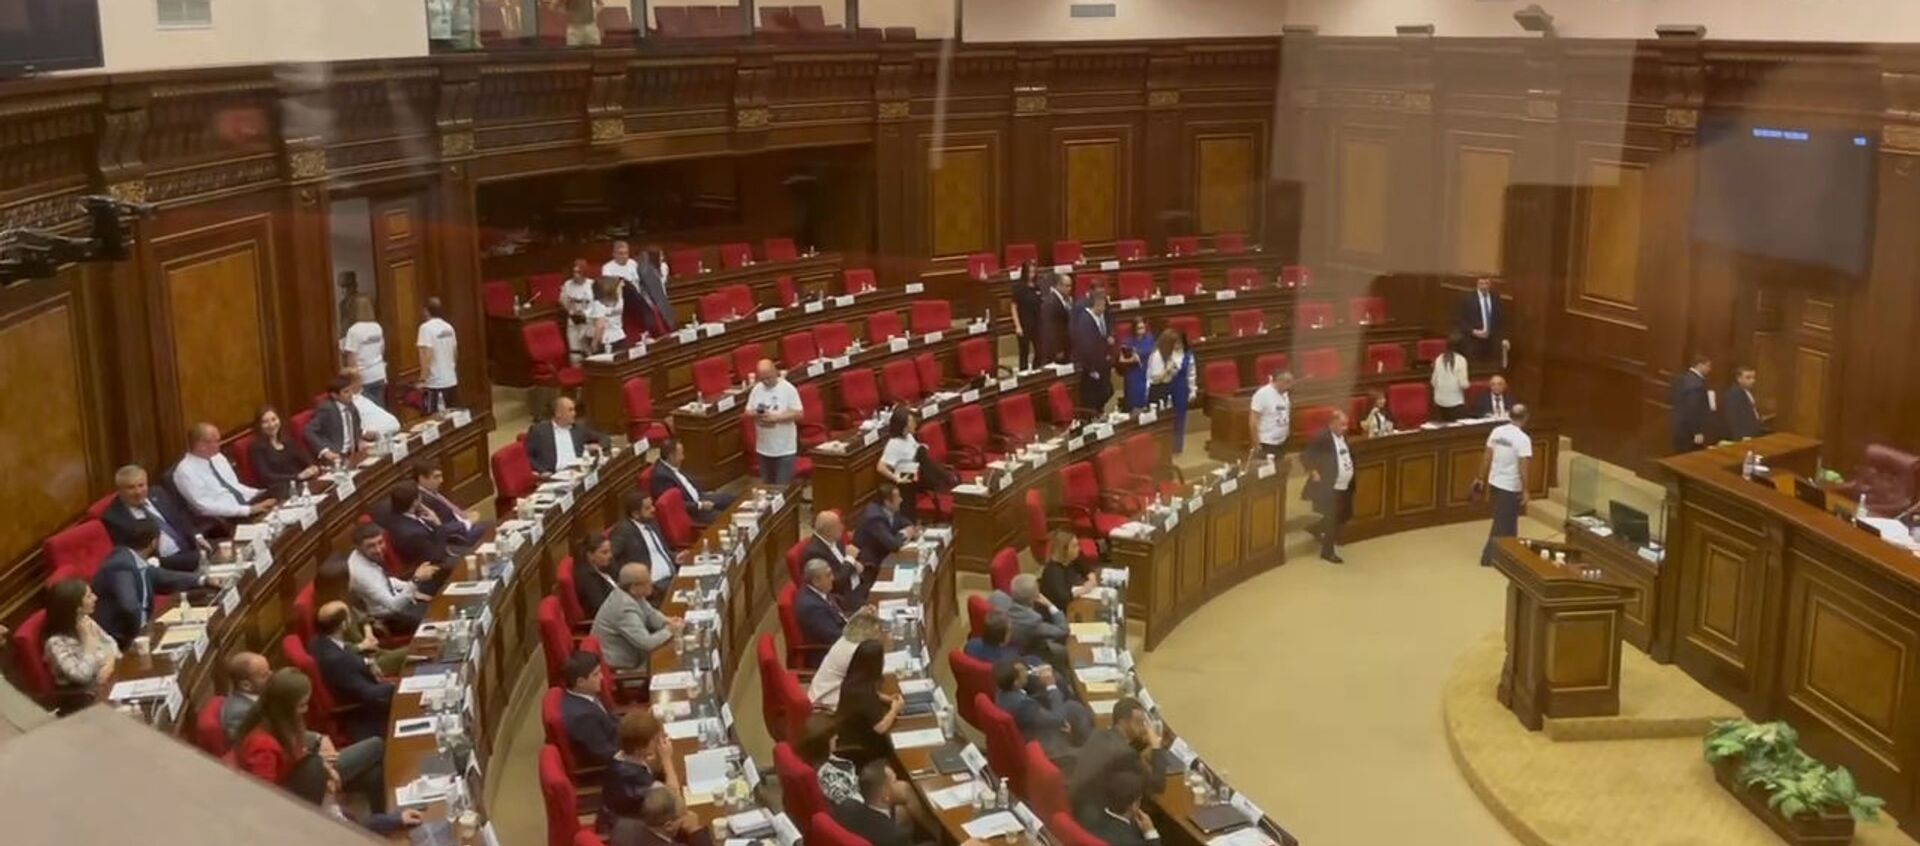 Ընդդիմությունը լքեց ԱԺ նիստերի դահլիճը. պահանջում են կալանքից ազատել 2 պատգամավորներին - Sputnik Արմենիա, 1920, 02.08.2021